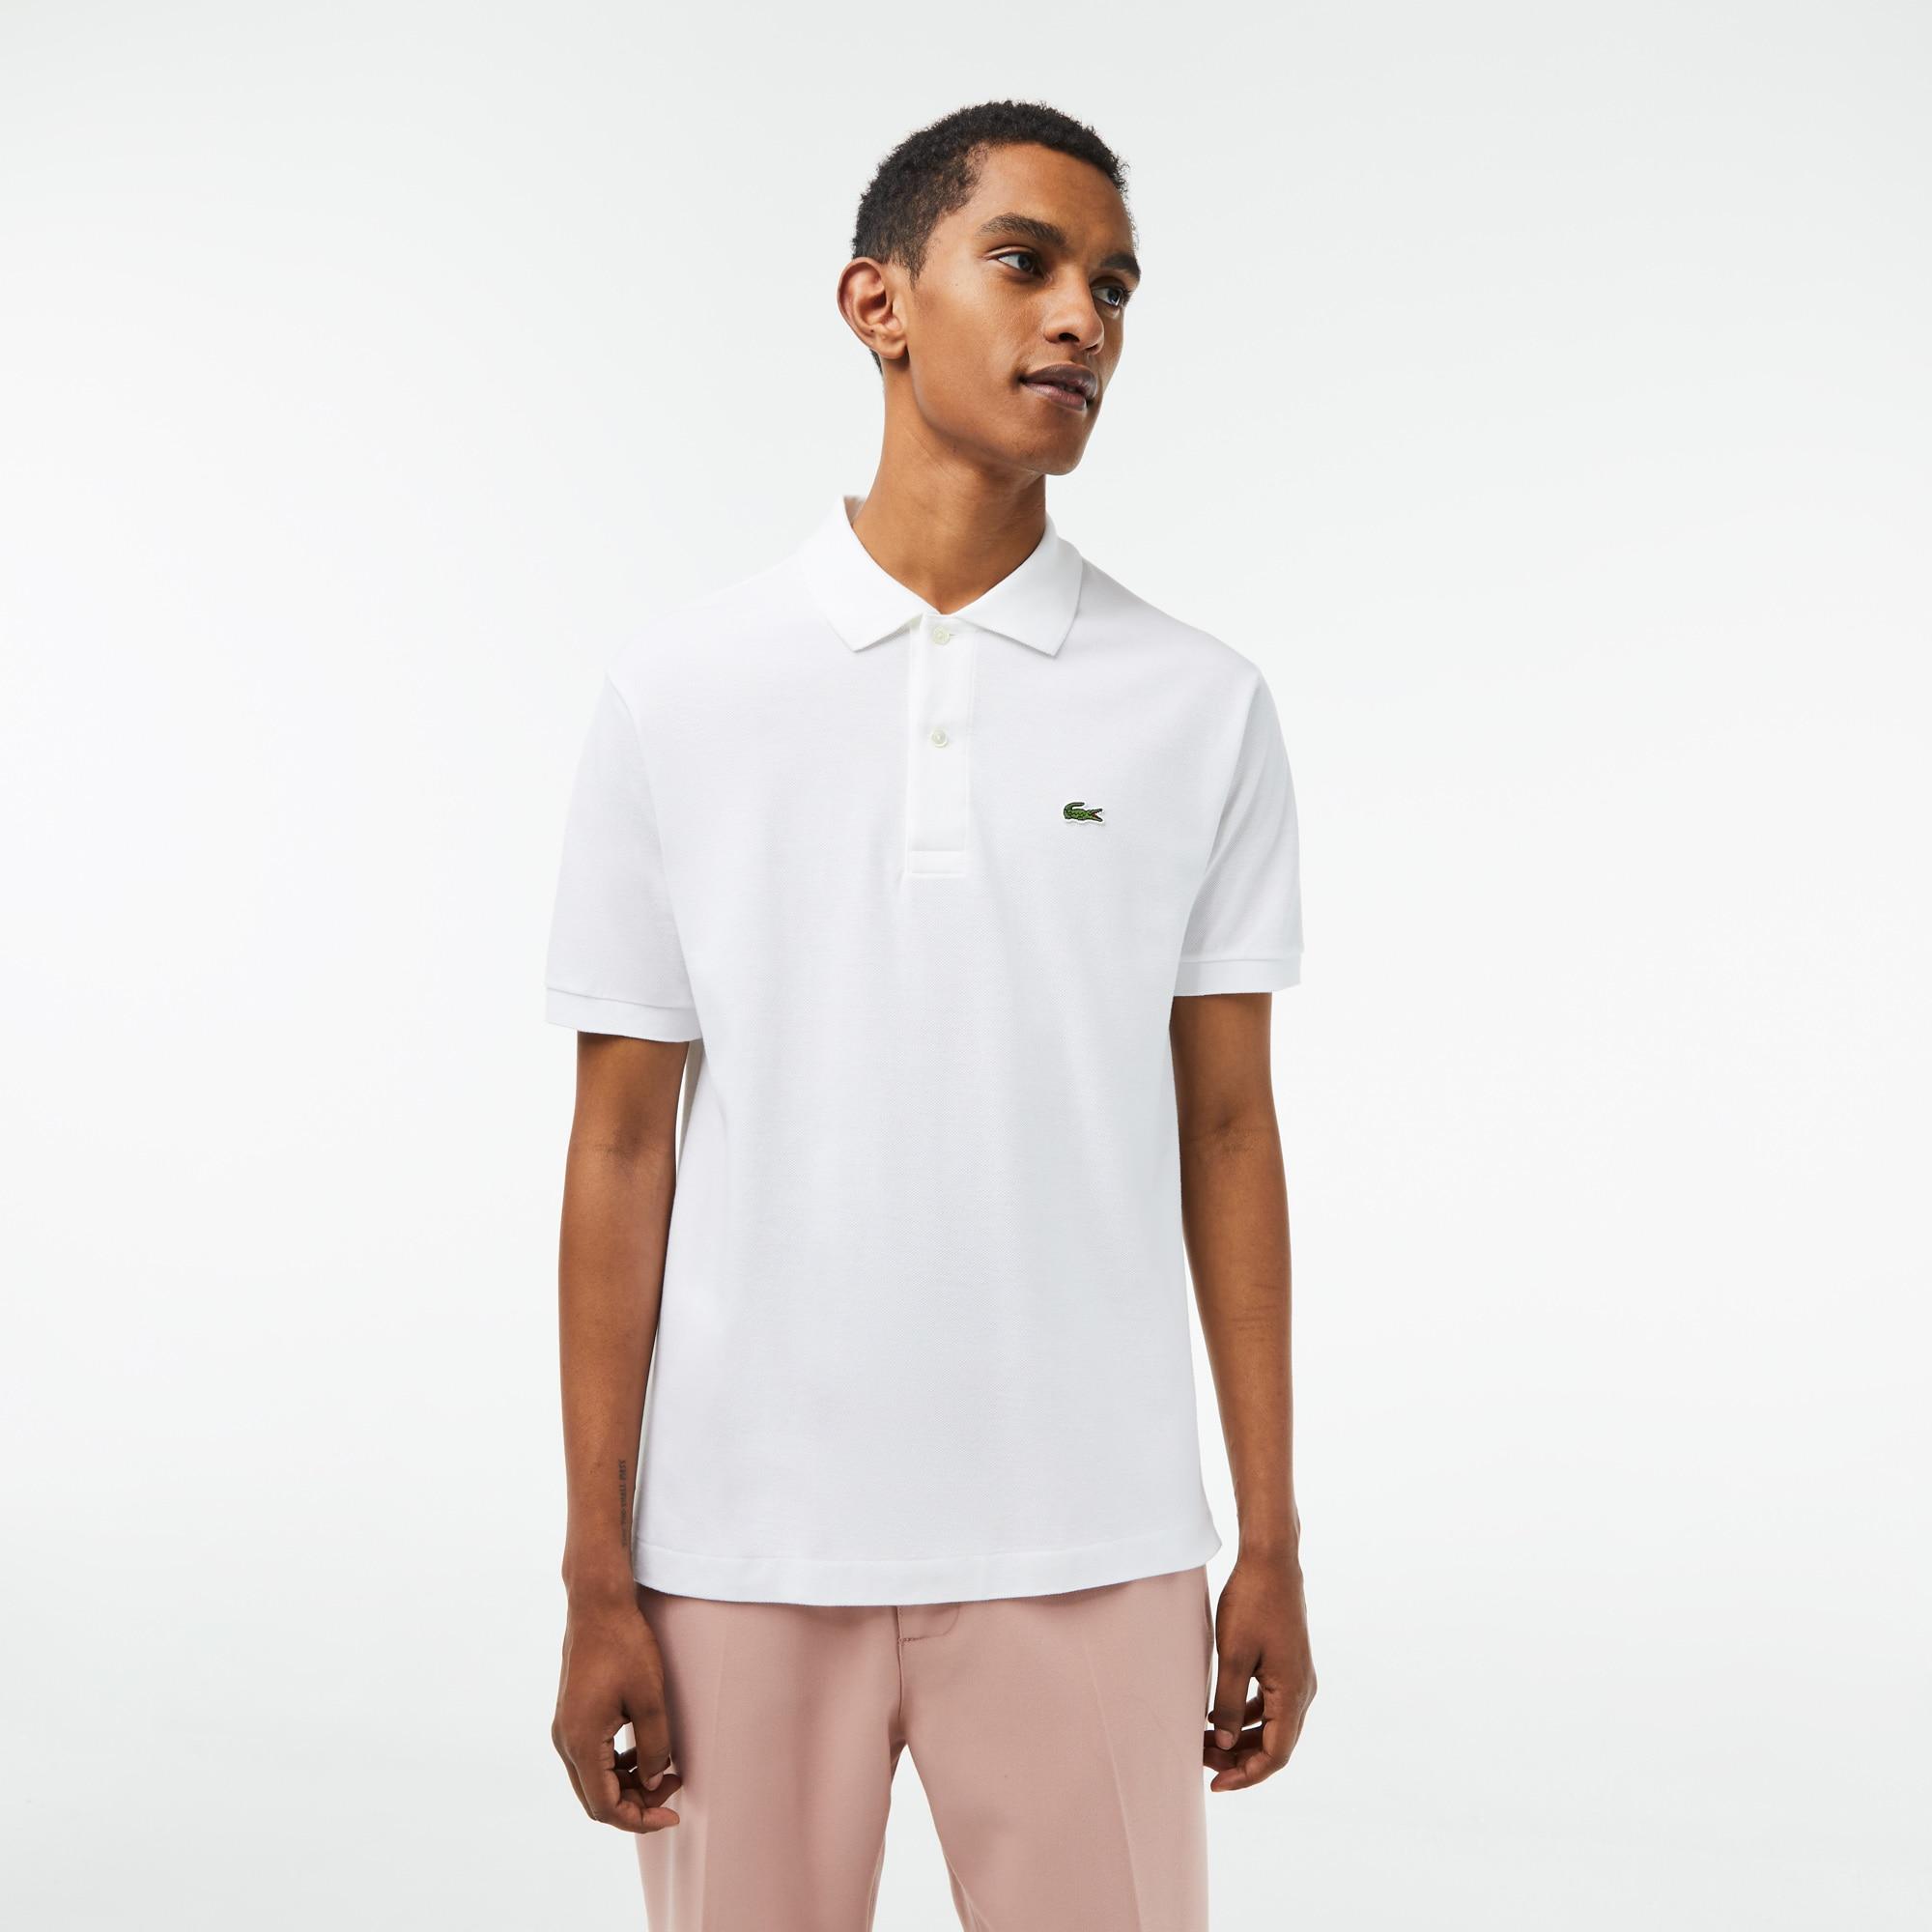 Camisas polo de manga curta  867ca1df624d4